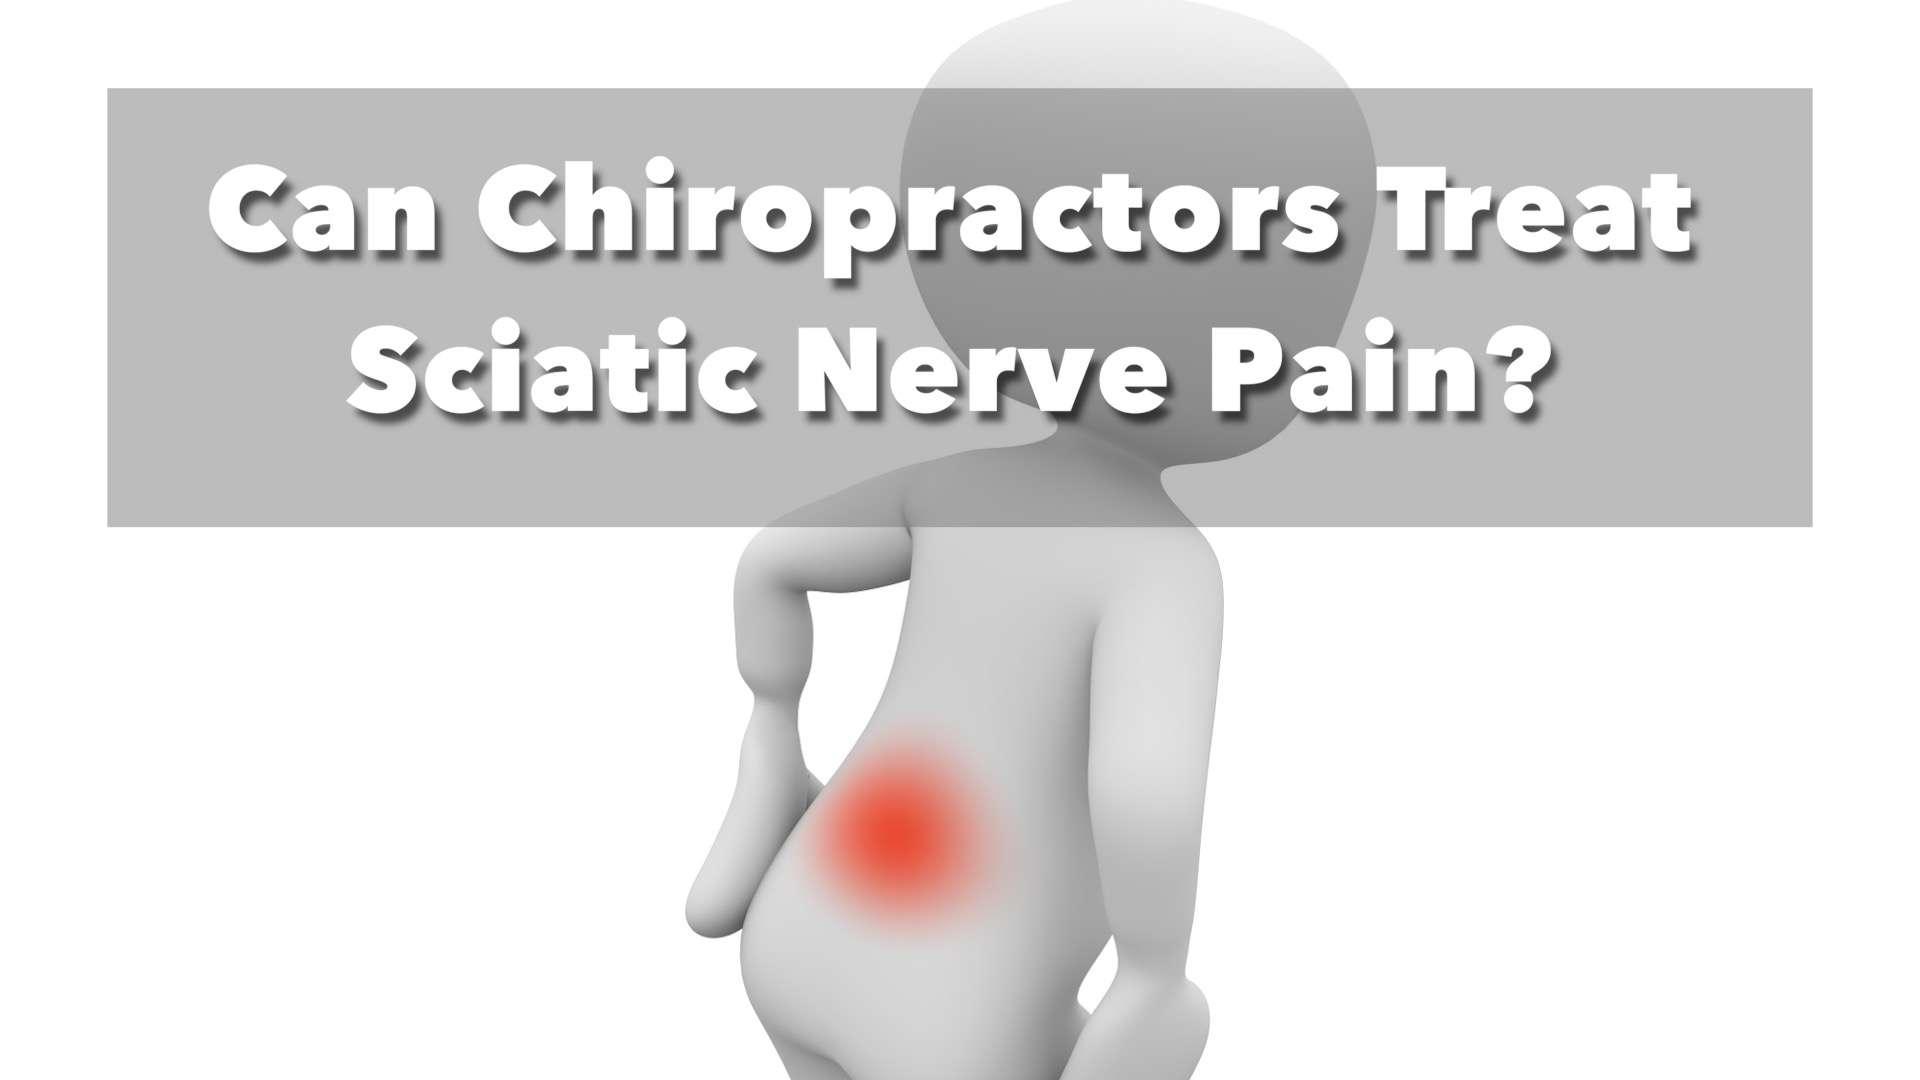 Can Chiropractors Treat Sciatic Nerve Pain Reinhardt Chiropractic